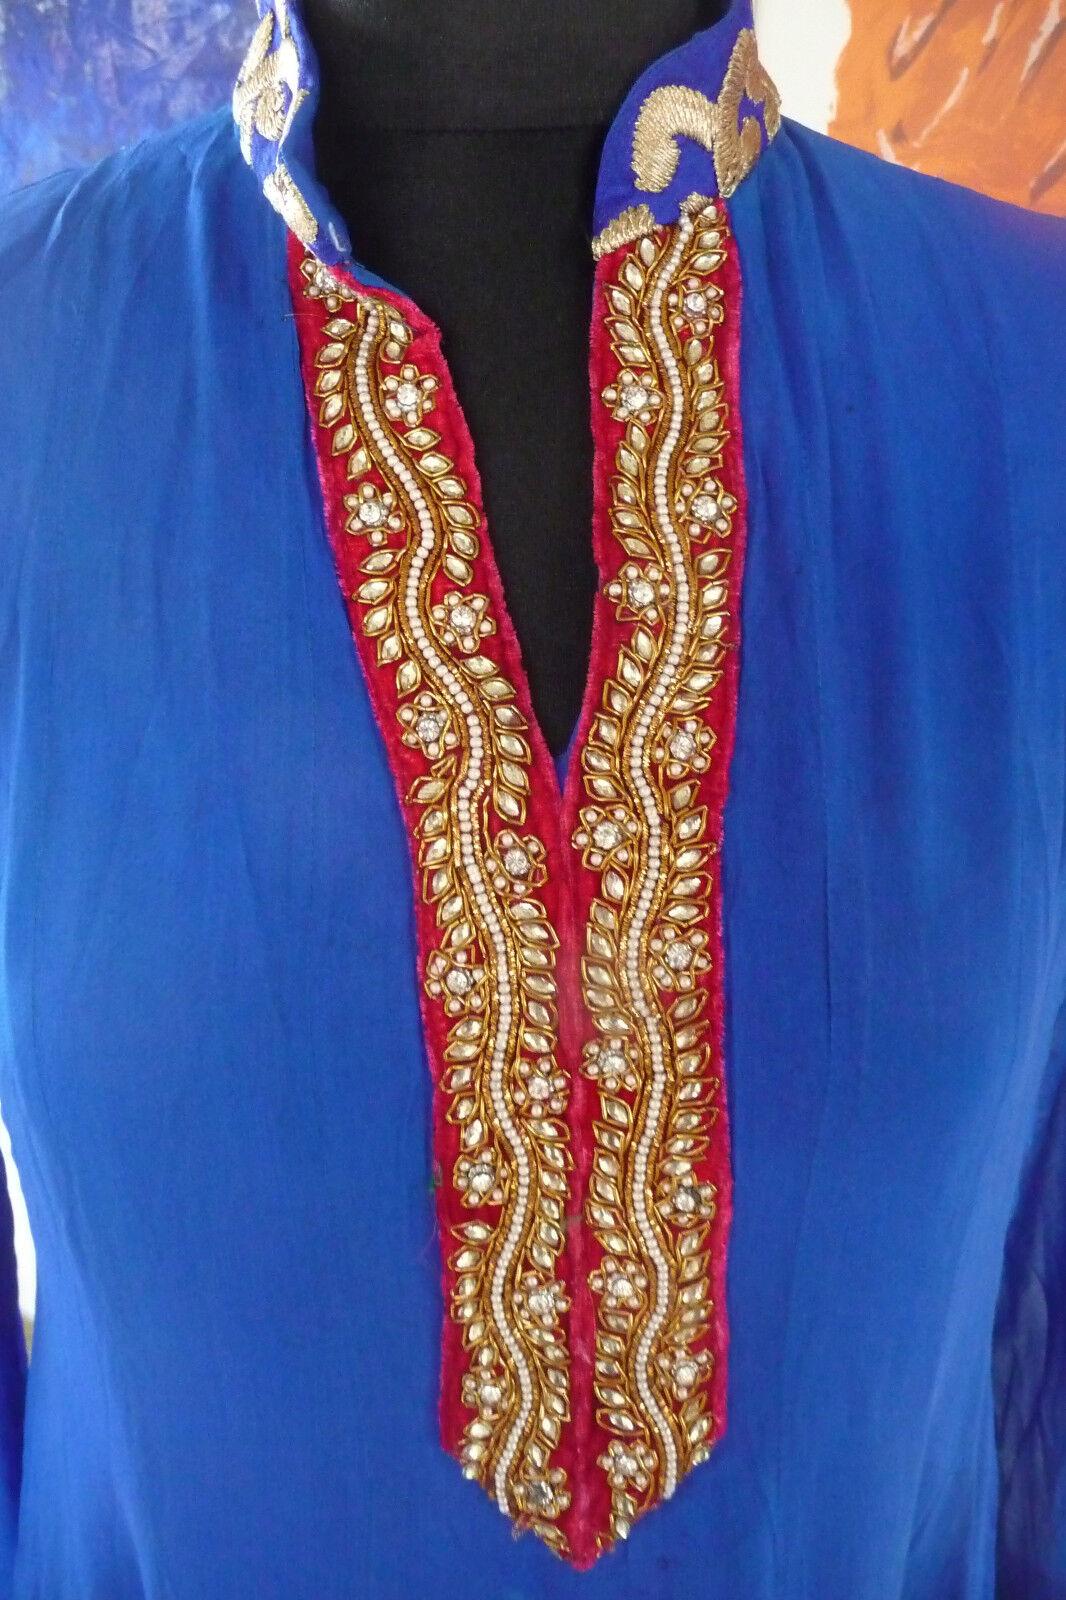 Bollywood-Theater-Karneval  Anarkali-Kleid, tintenblau, Goldfarbene Stickerei